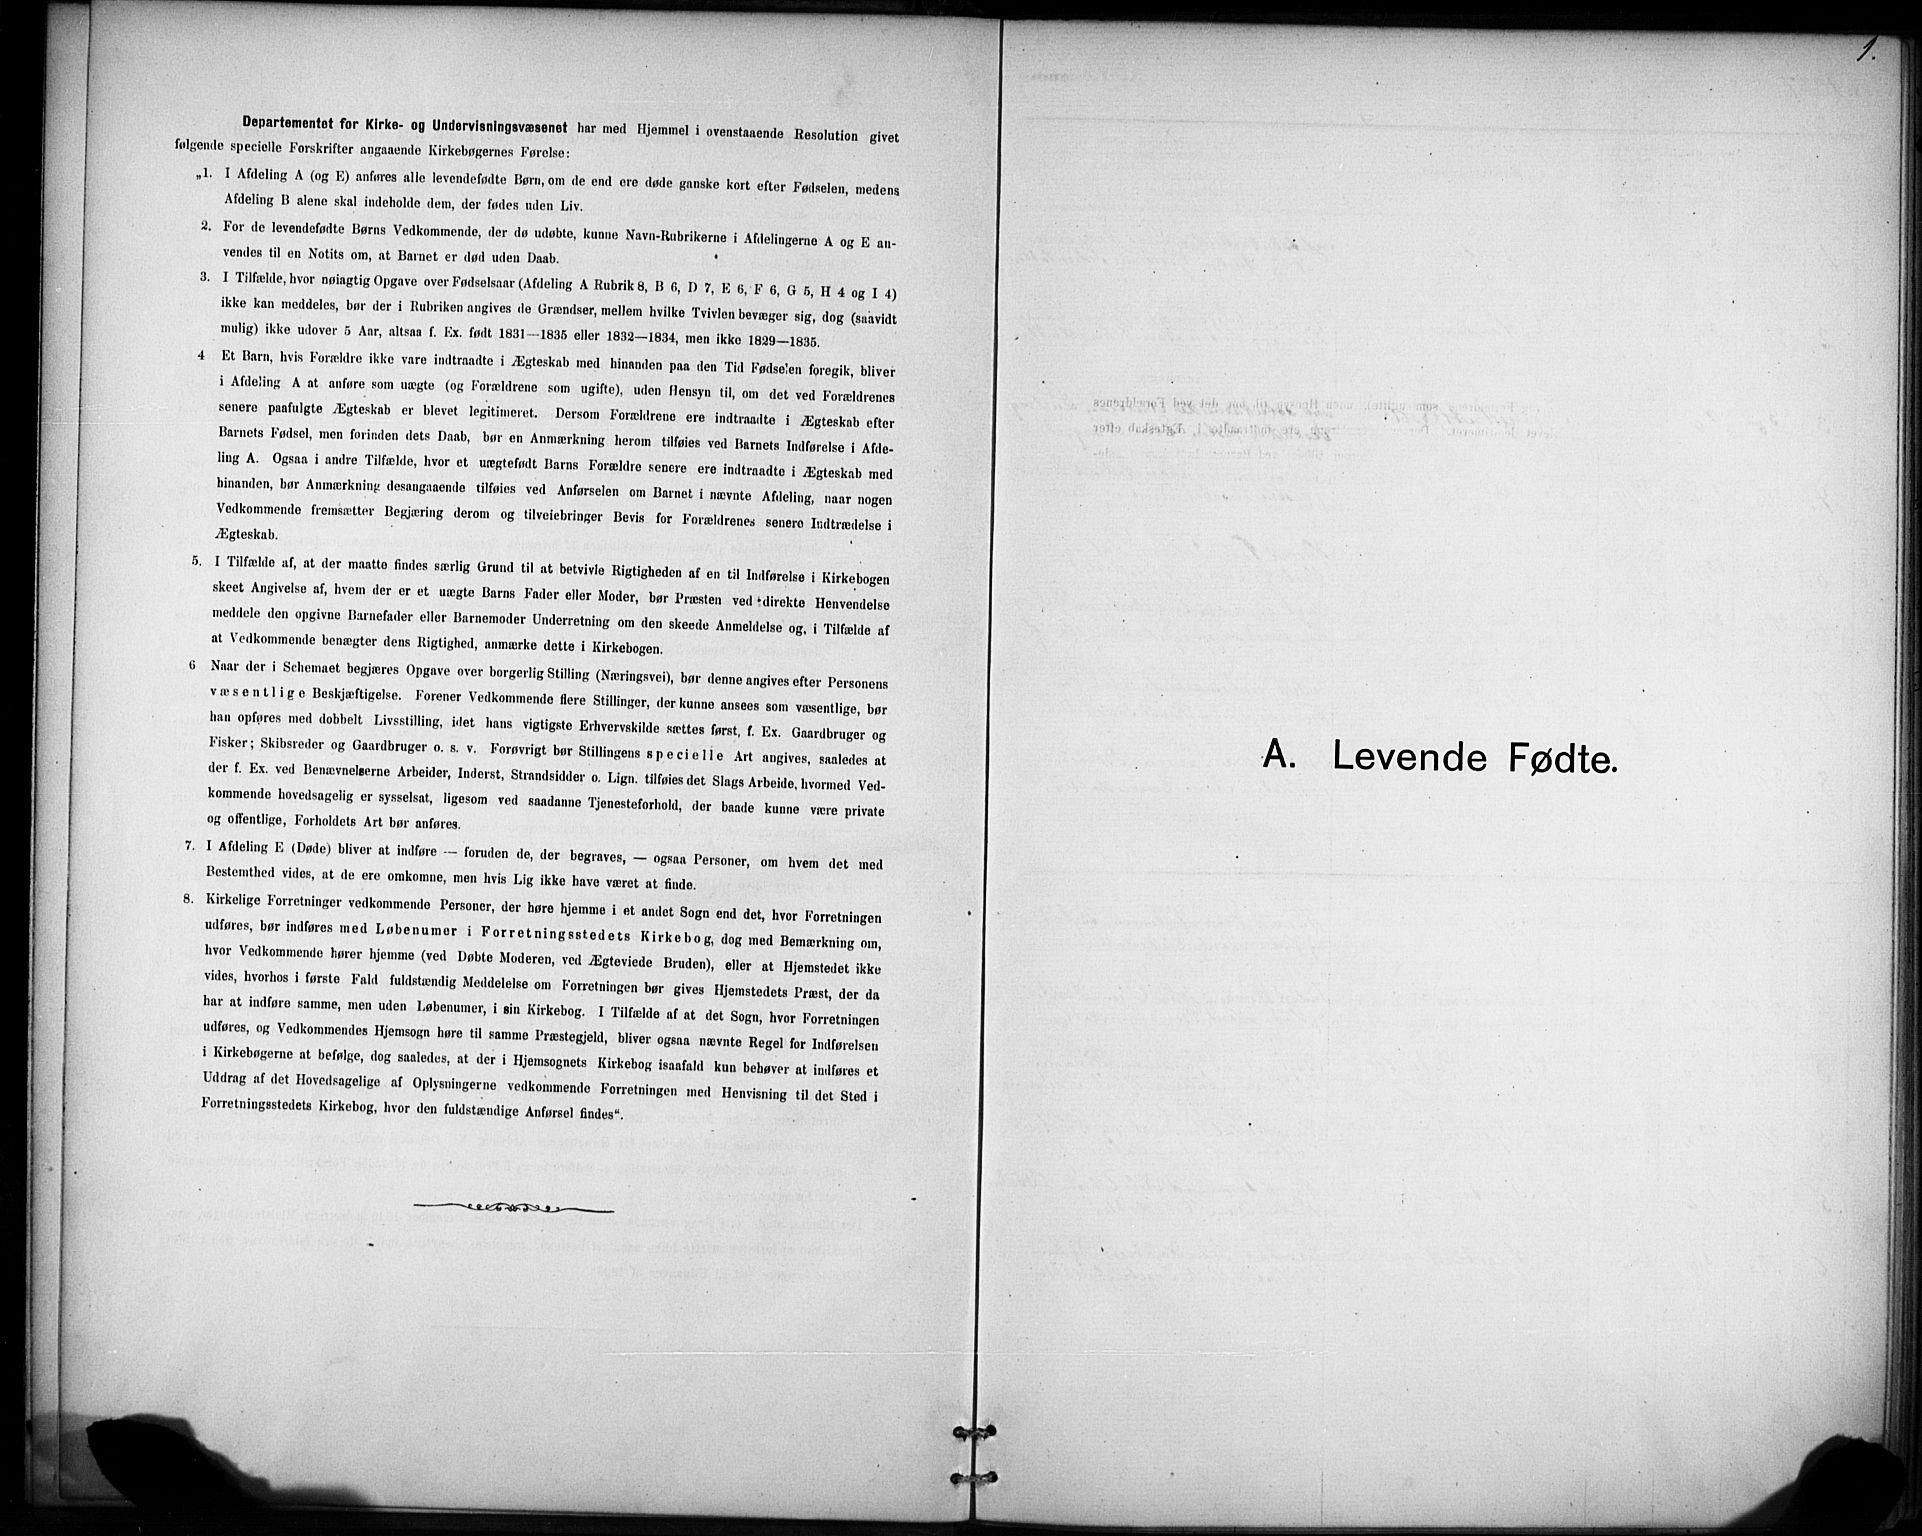 SAT, Ministerialprotokoller, klokkerbøker og fødselsregistre - Sør-Trøndelag, 693/L1119: Ministerialbok nr. 693A01, 1887-1905, s. 1